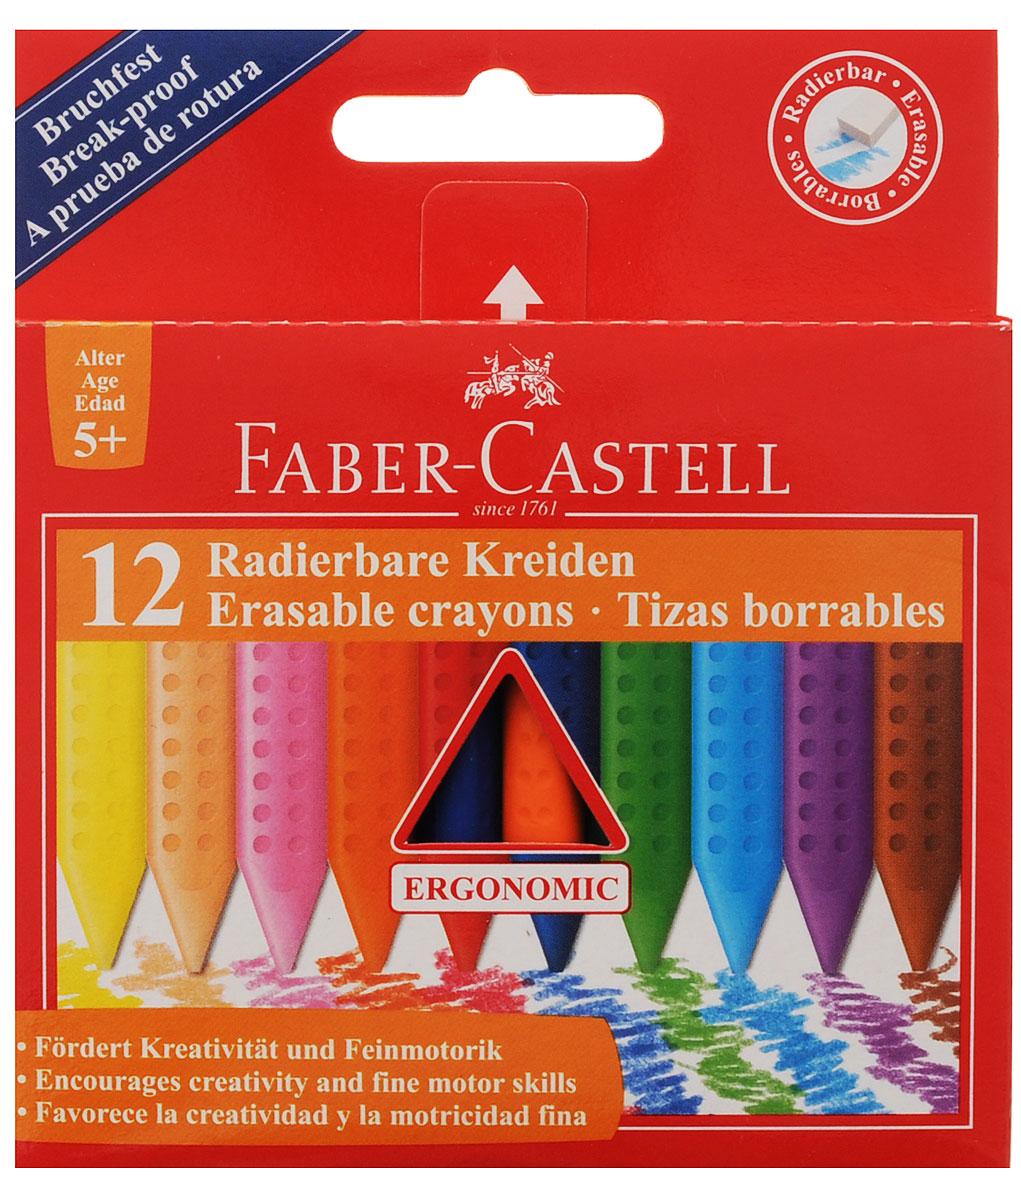 Faber-Castell Восковые мелки Radierbare Kreiden стирающиеся 12 цветов карандаши восковые мелки пастель lyra groove цветные утолщённые 5 цветов